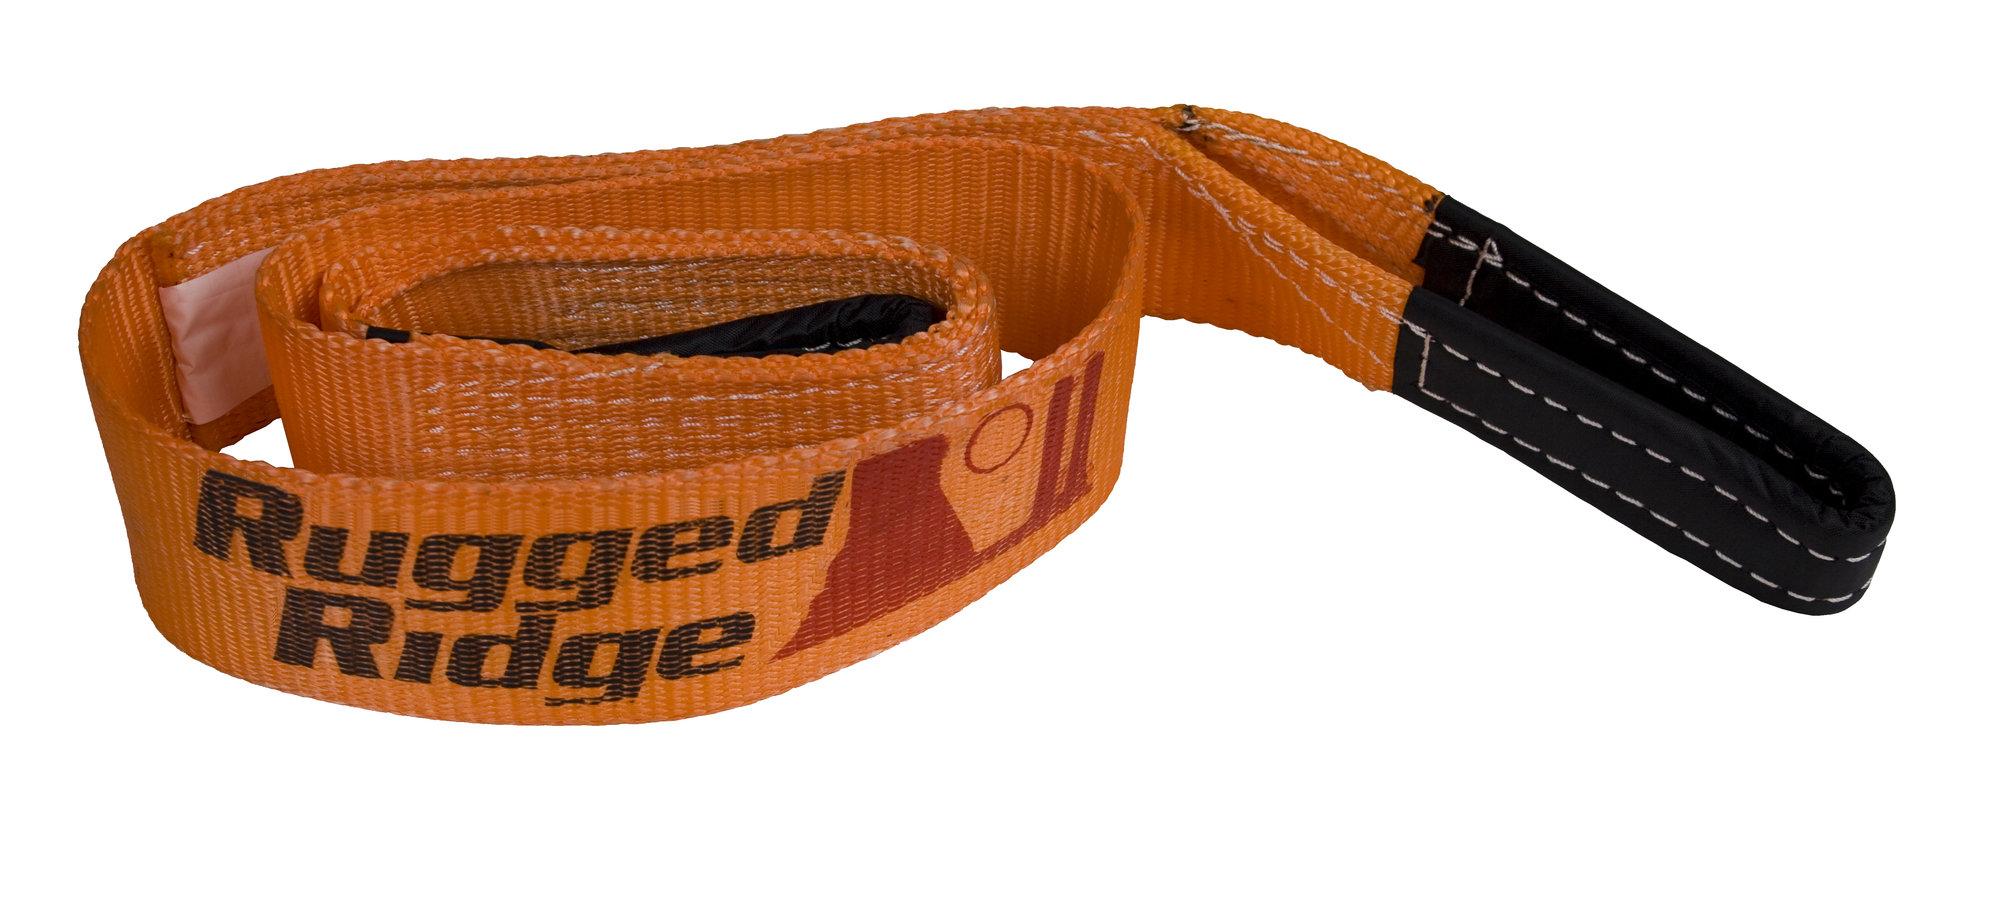 Baumgurt Rugged Ridge 50mm x 1.8m, 10 t Bruchlast